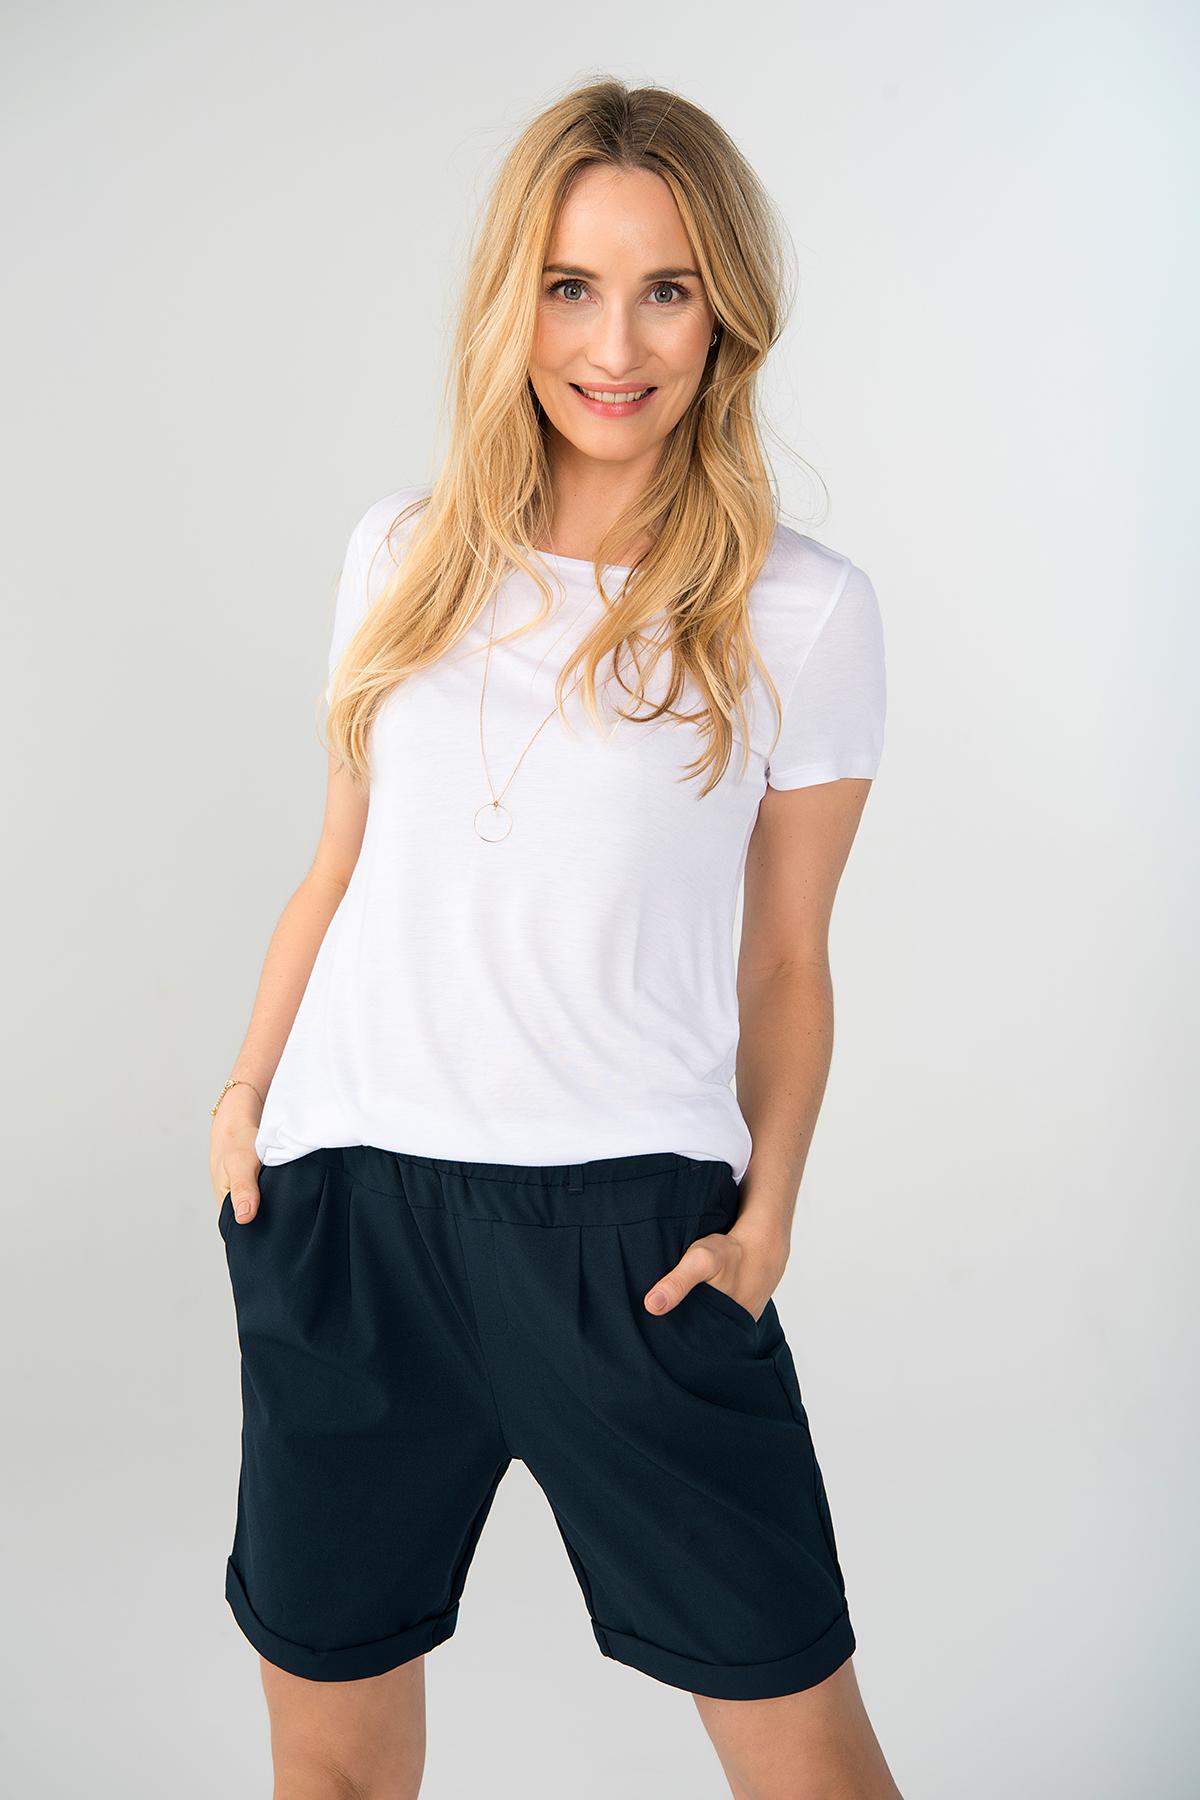 Marineblau Shorts von Kaffe – Shoppen SieMarineblau Shorts ab Gr. 32-46 hier